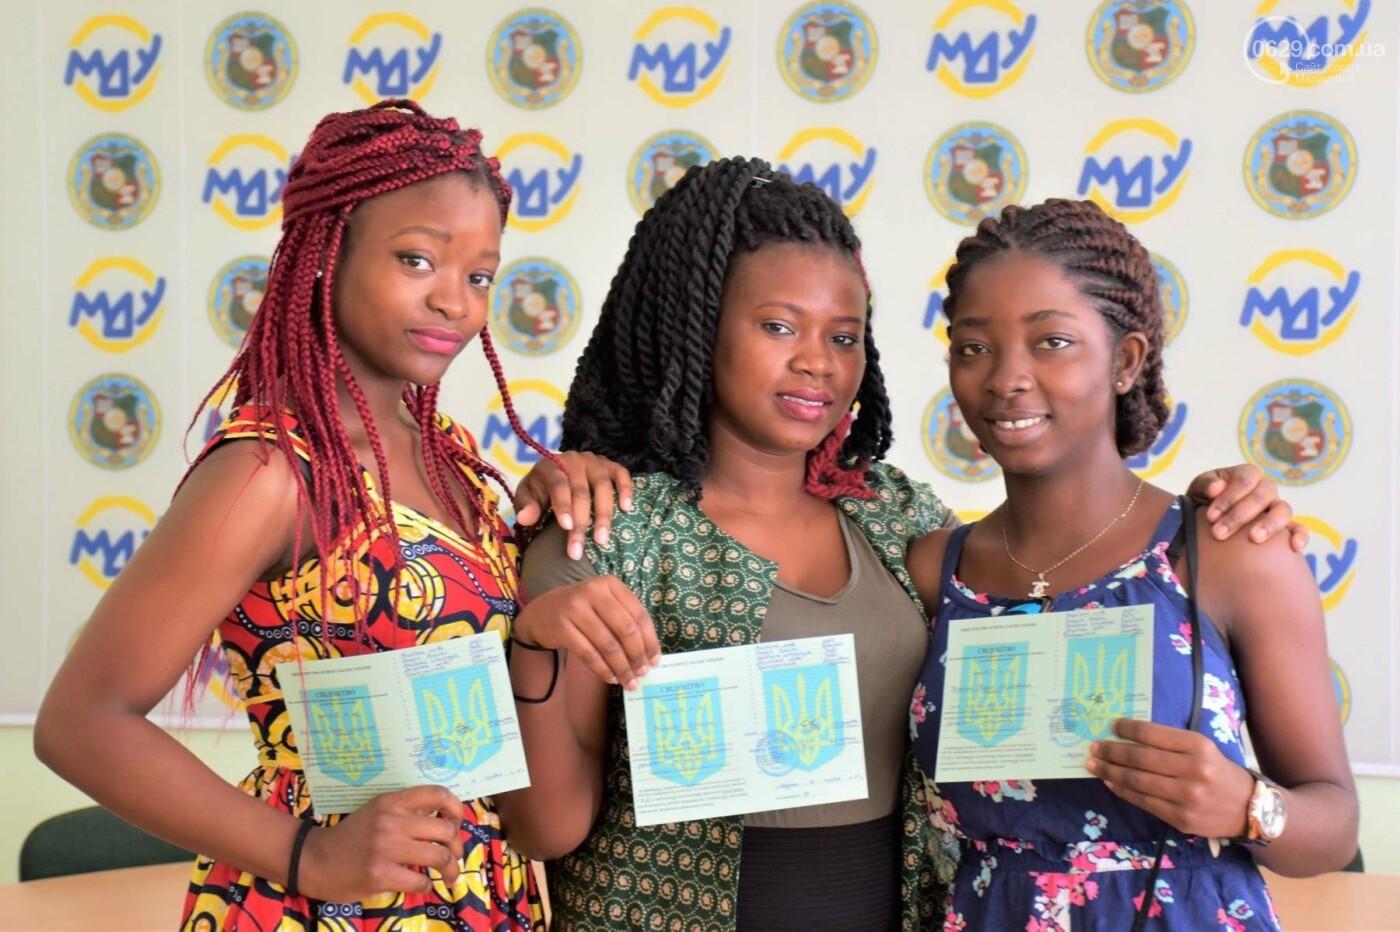 Студенты из Гвинеи и Камеруна отпраздновали окончание подготовительного отделения МГУ,- ФОТО, фото-7